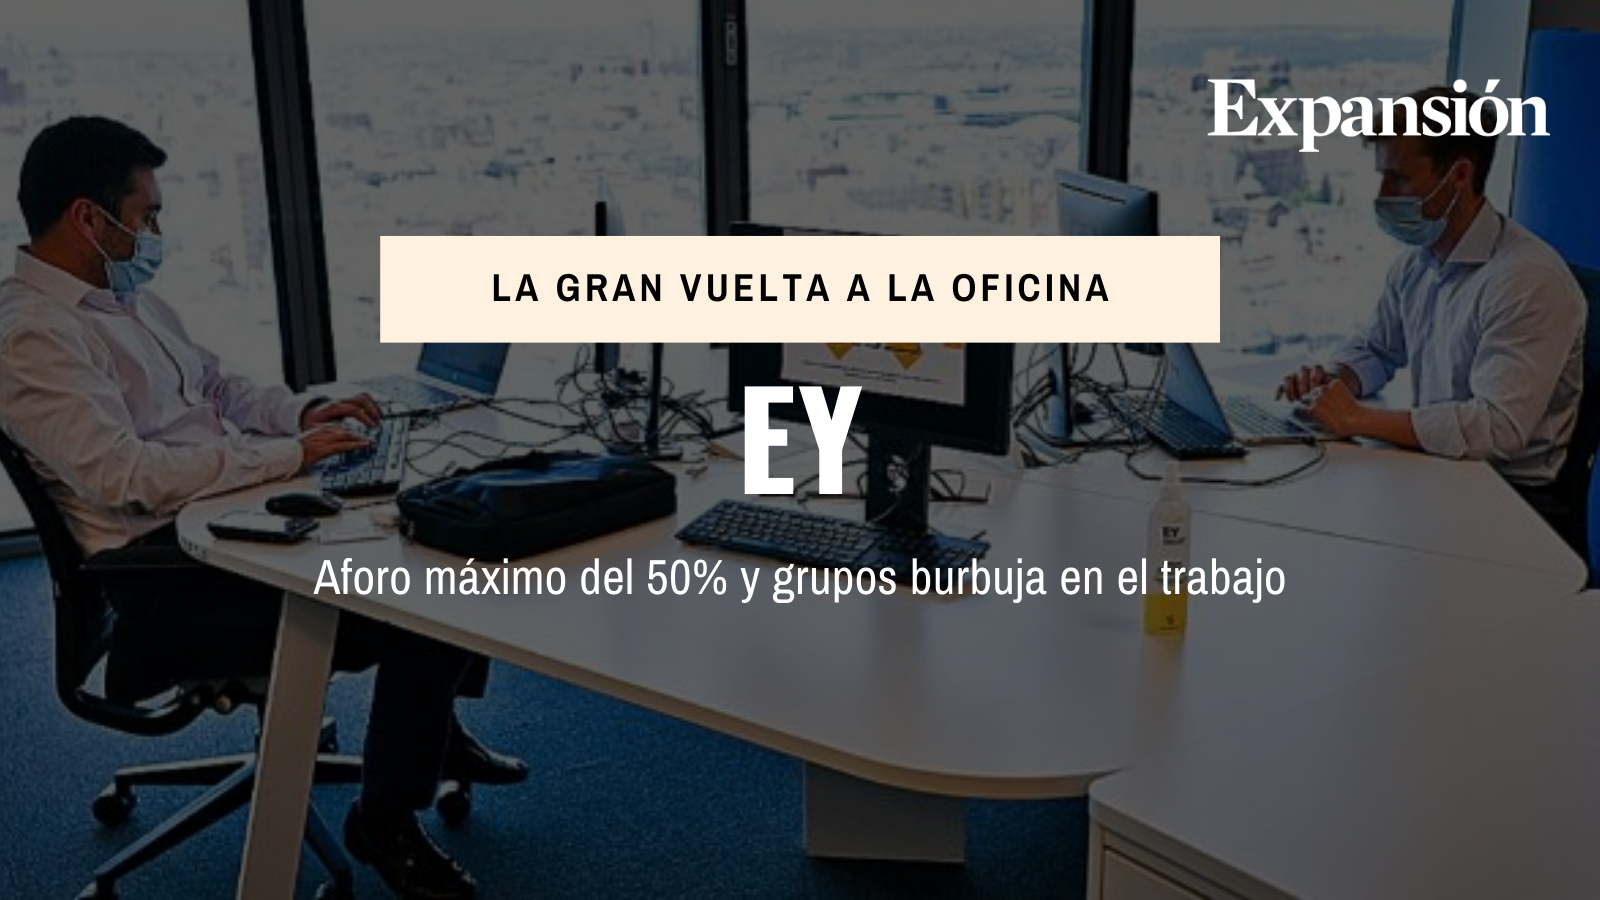 EY: aforo máximo del 50% y grupos burbuja en el trabajo